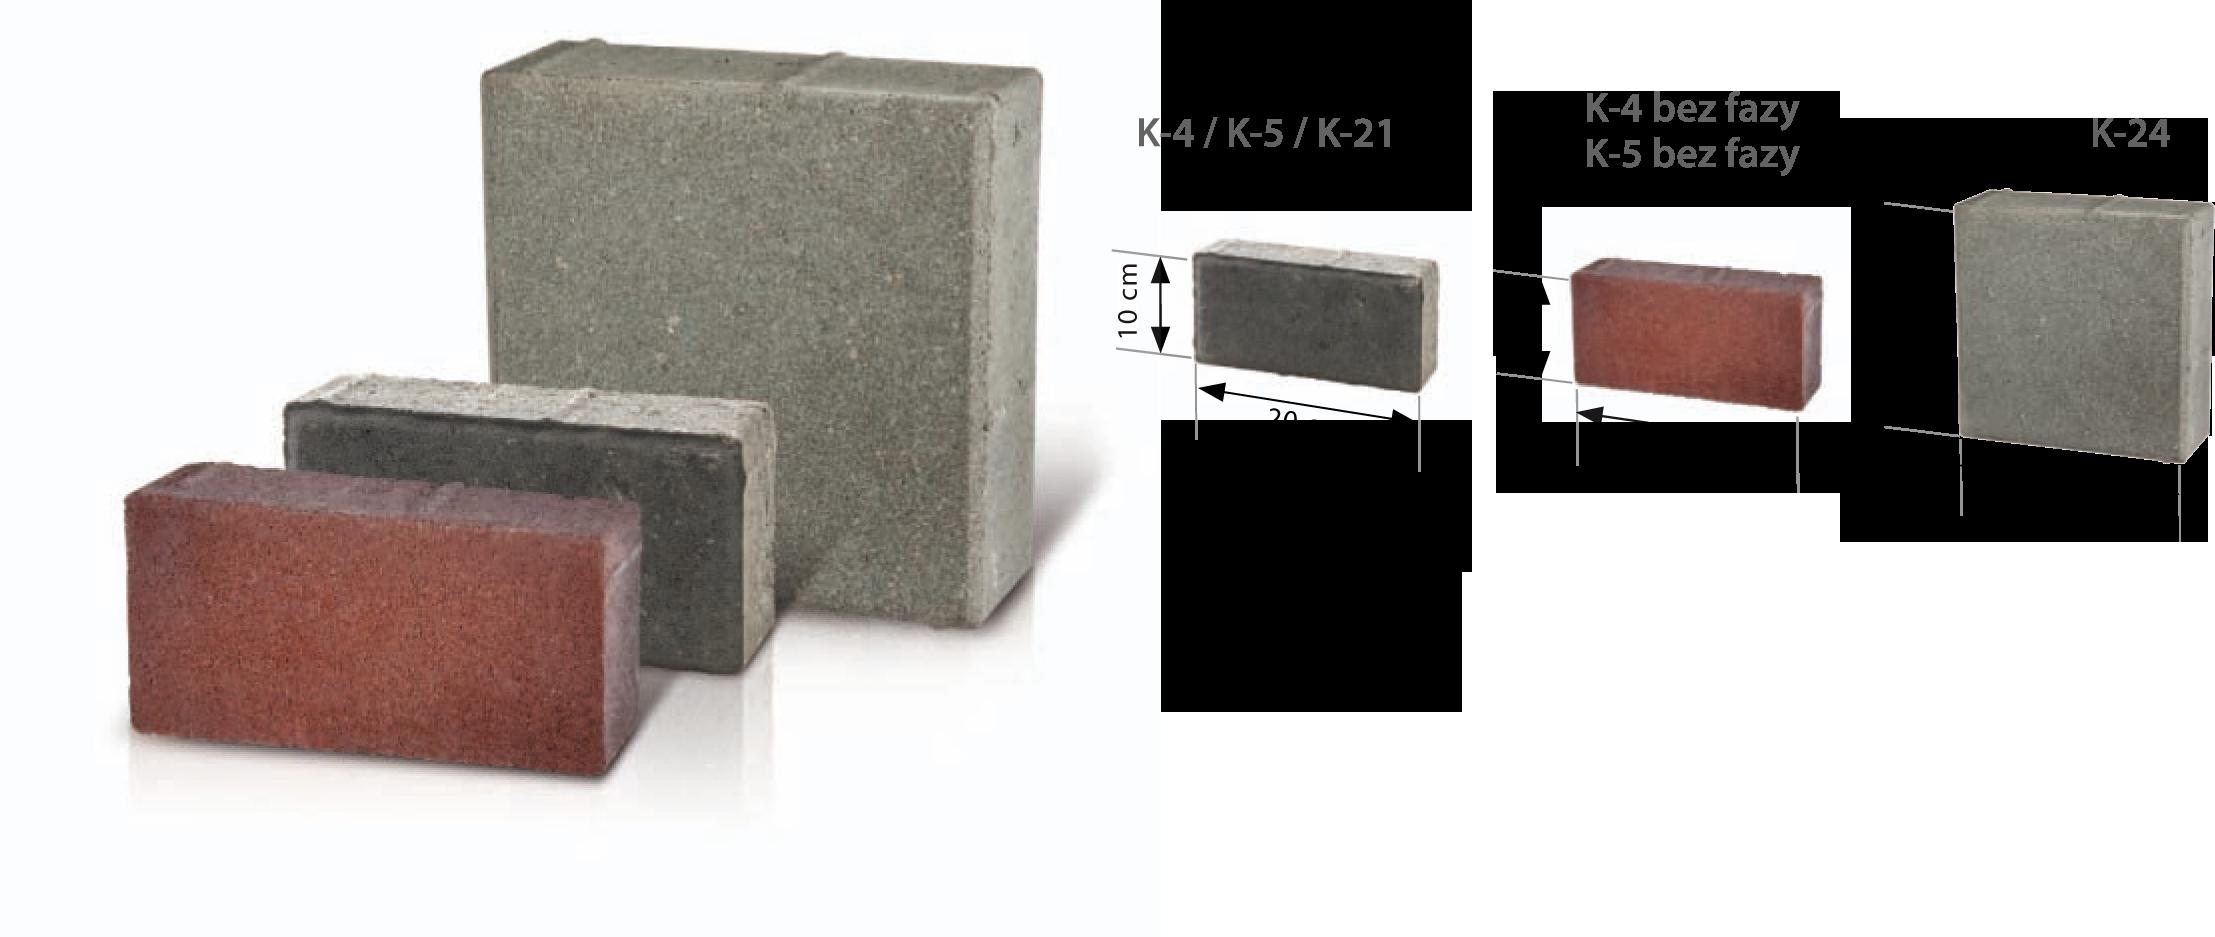 Kostki brukowe przemysłowe K-4 / K-5 / K-21 / K-24